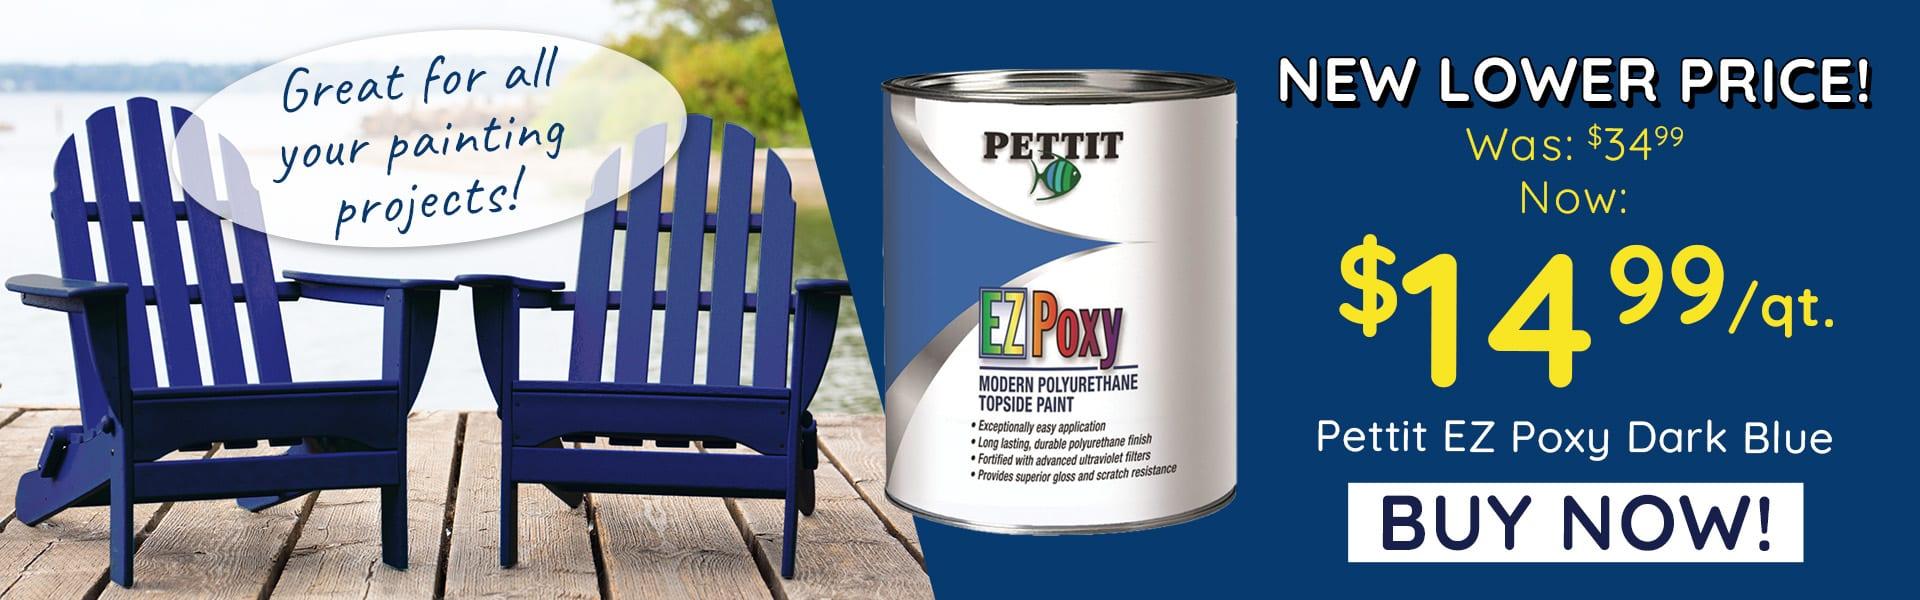 Pettit EZ Poxy Dark Blue Qt. Sale